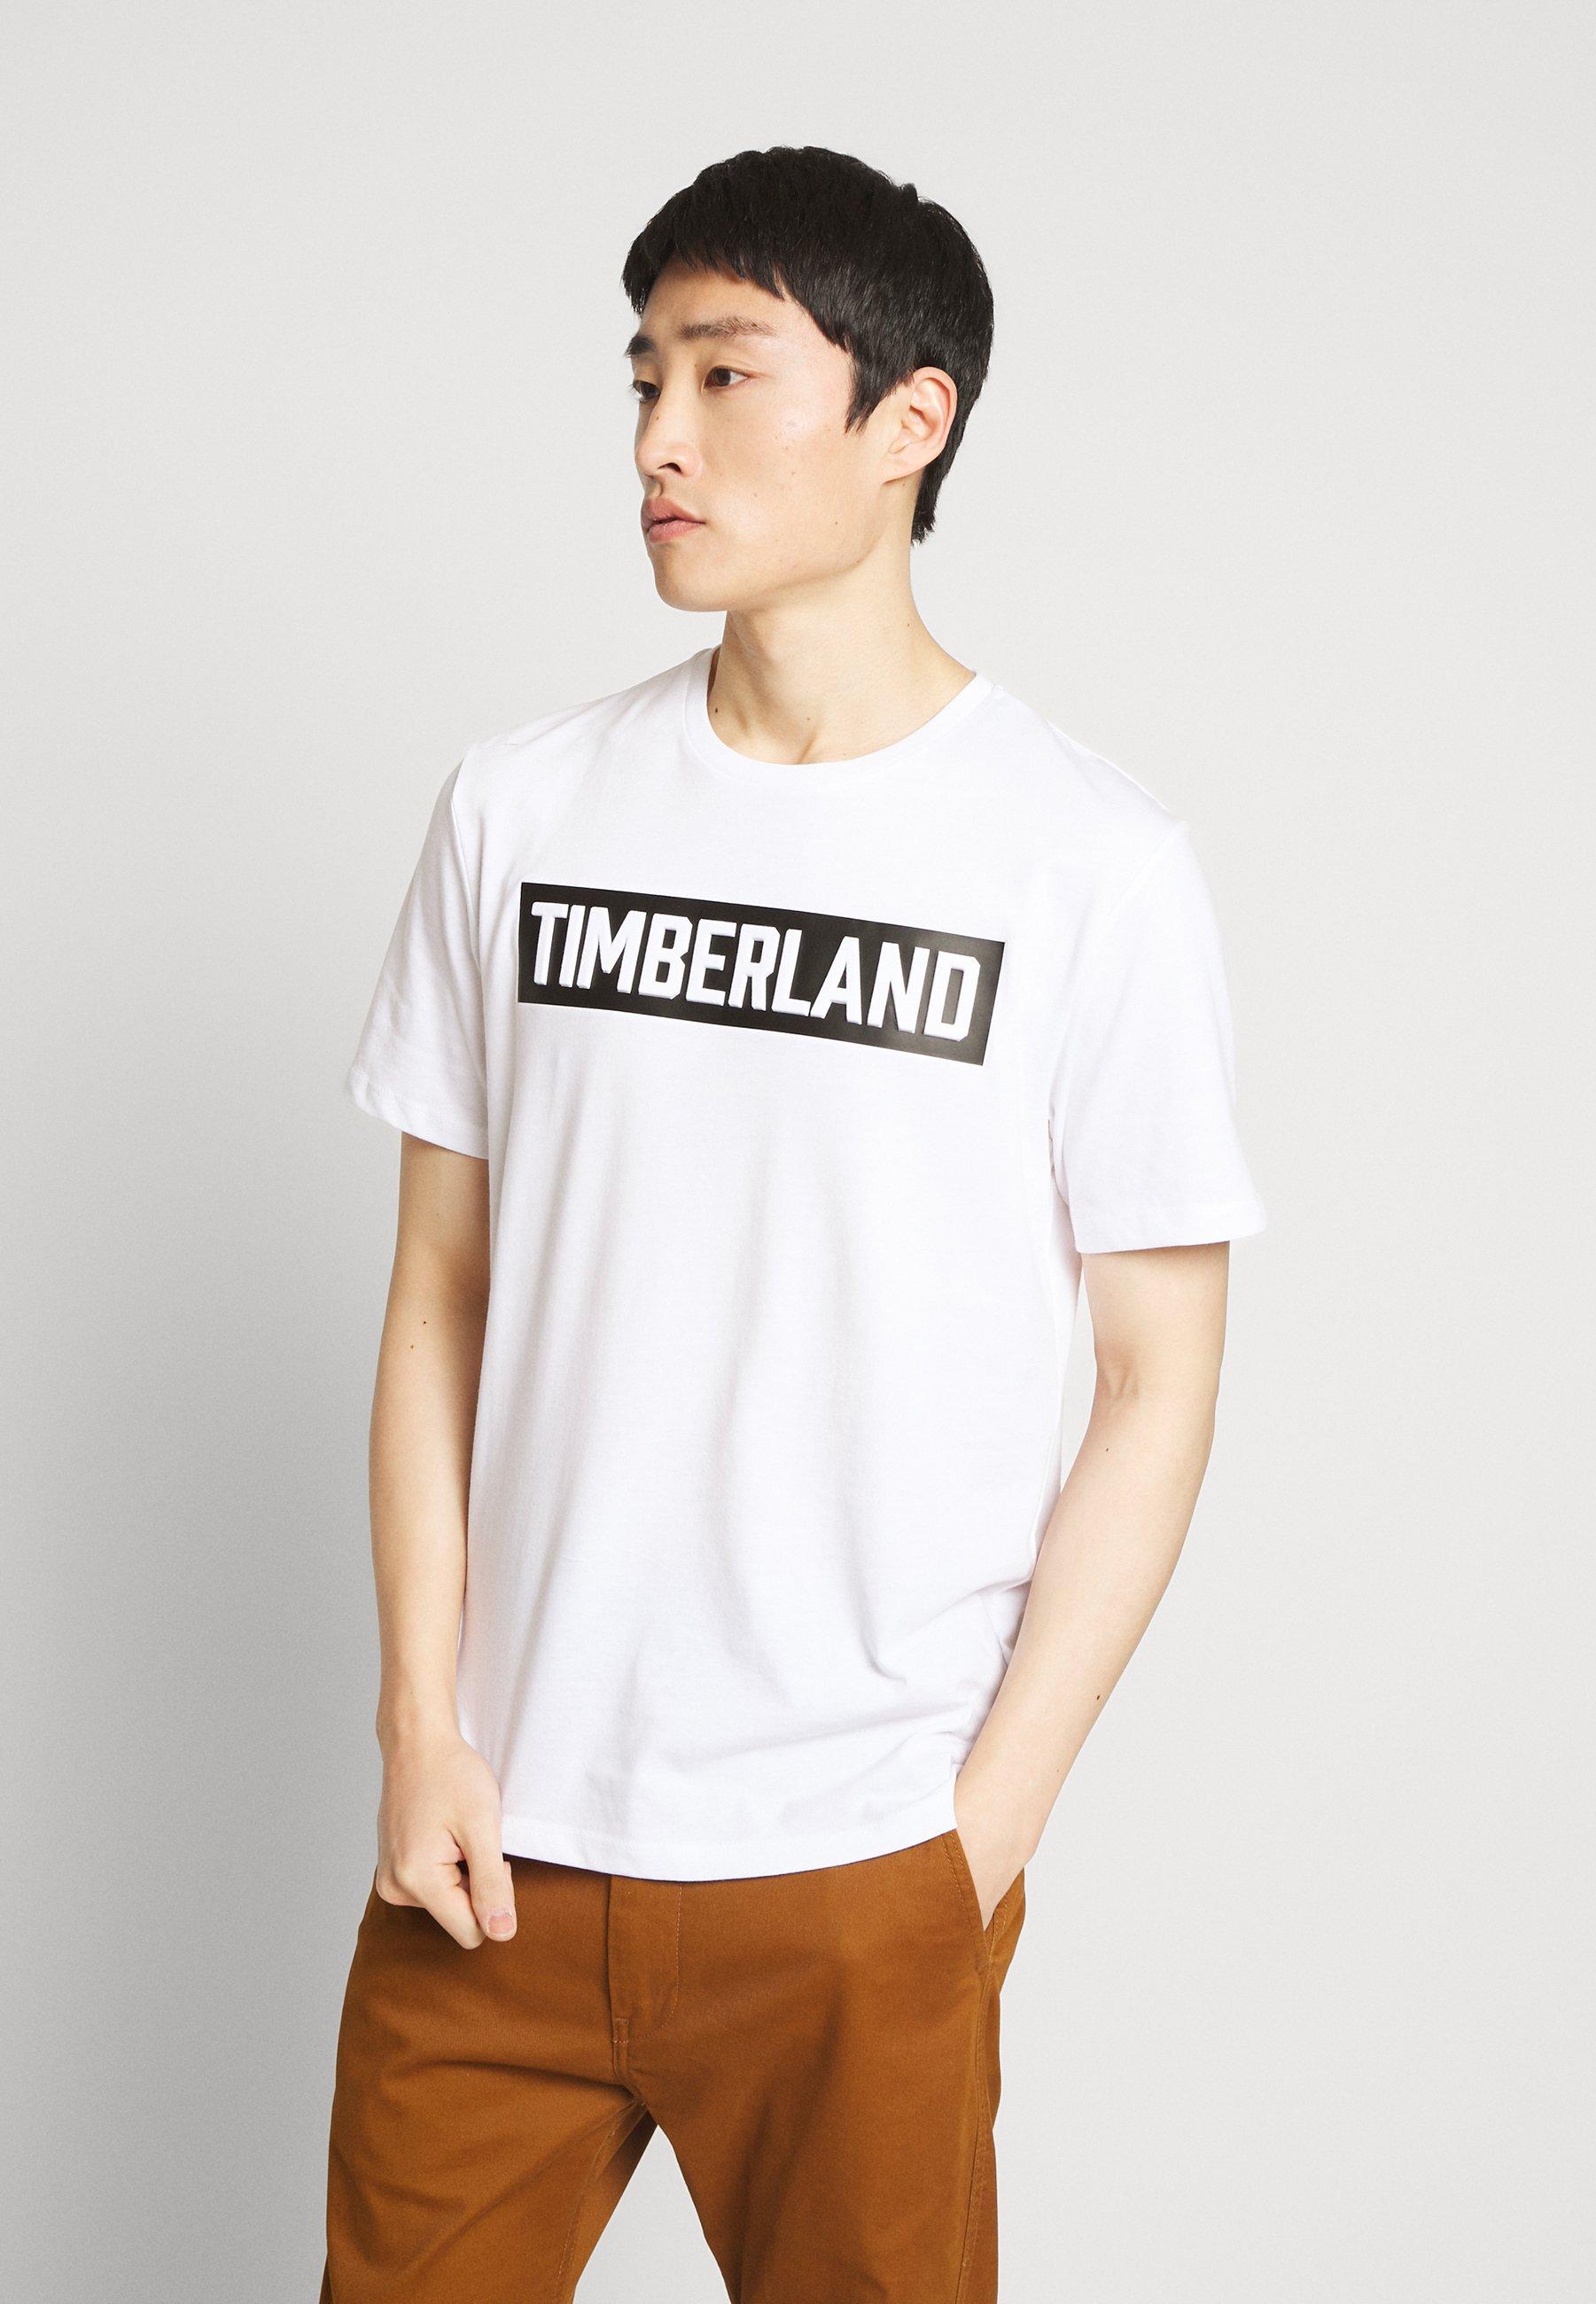 Timberland | La nuova collezione online su Zalando